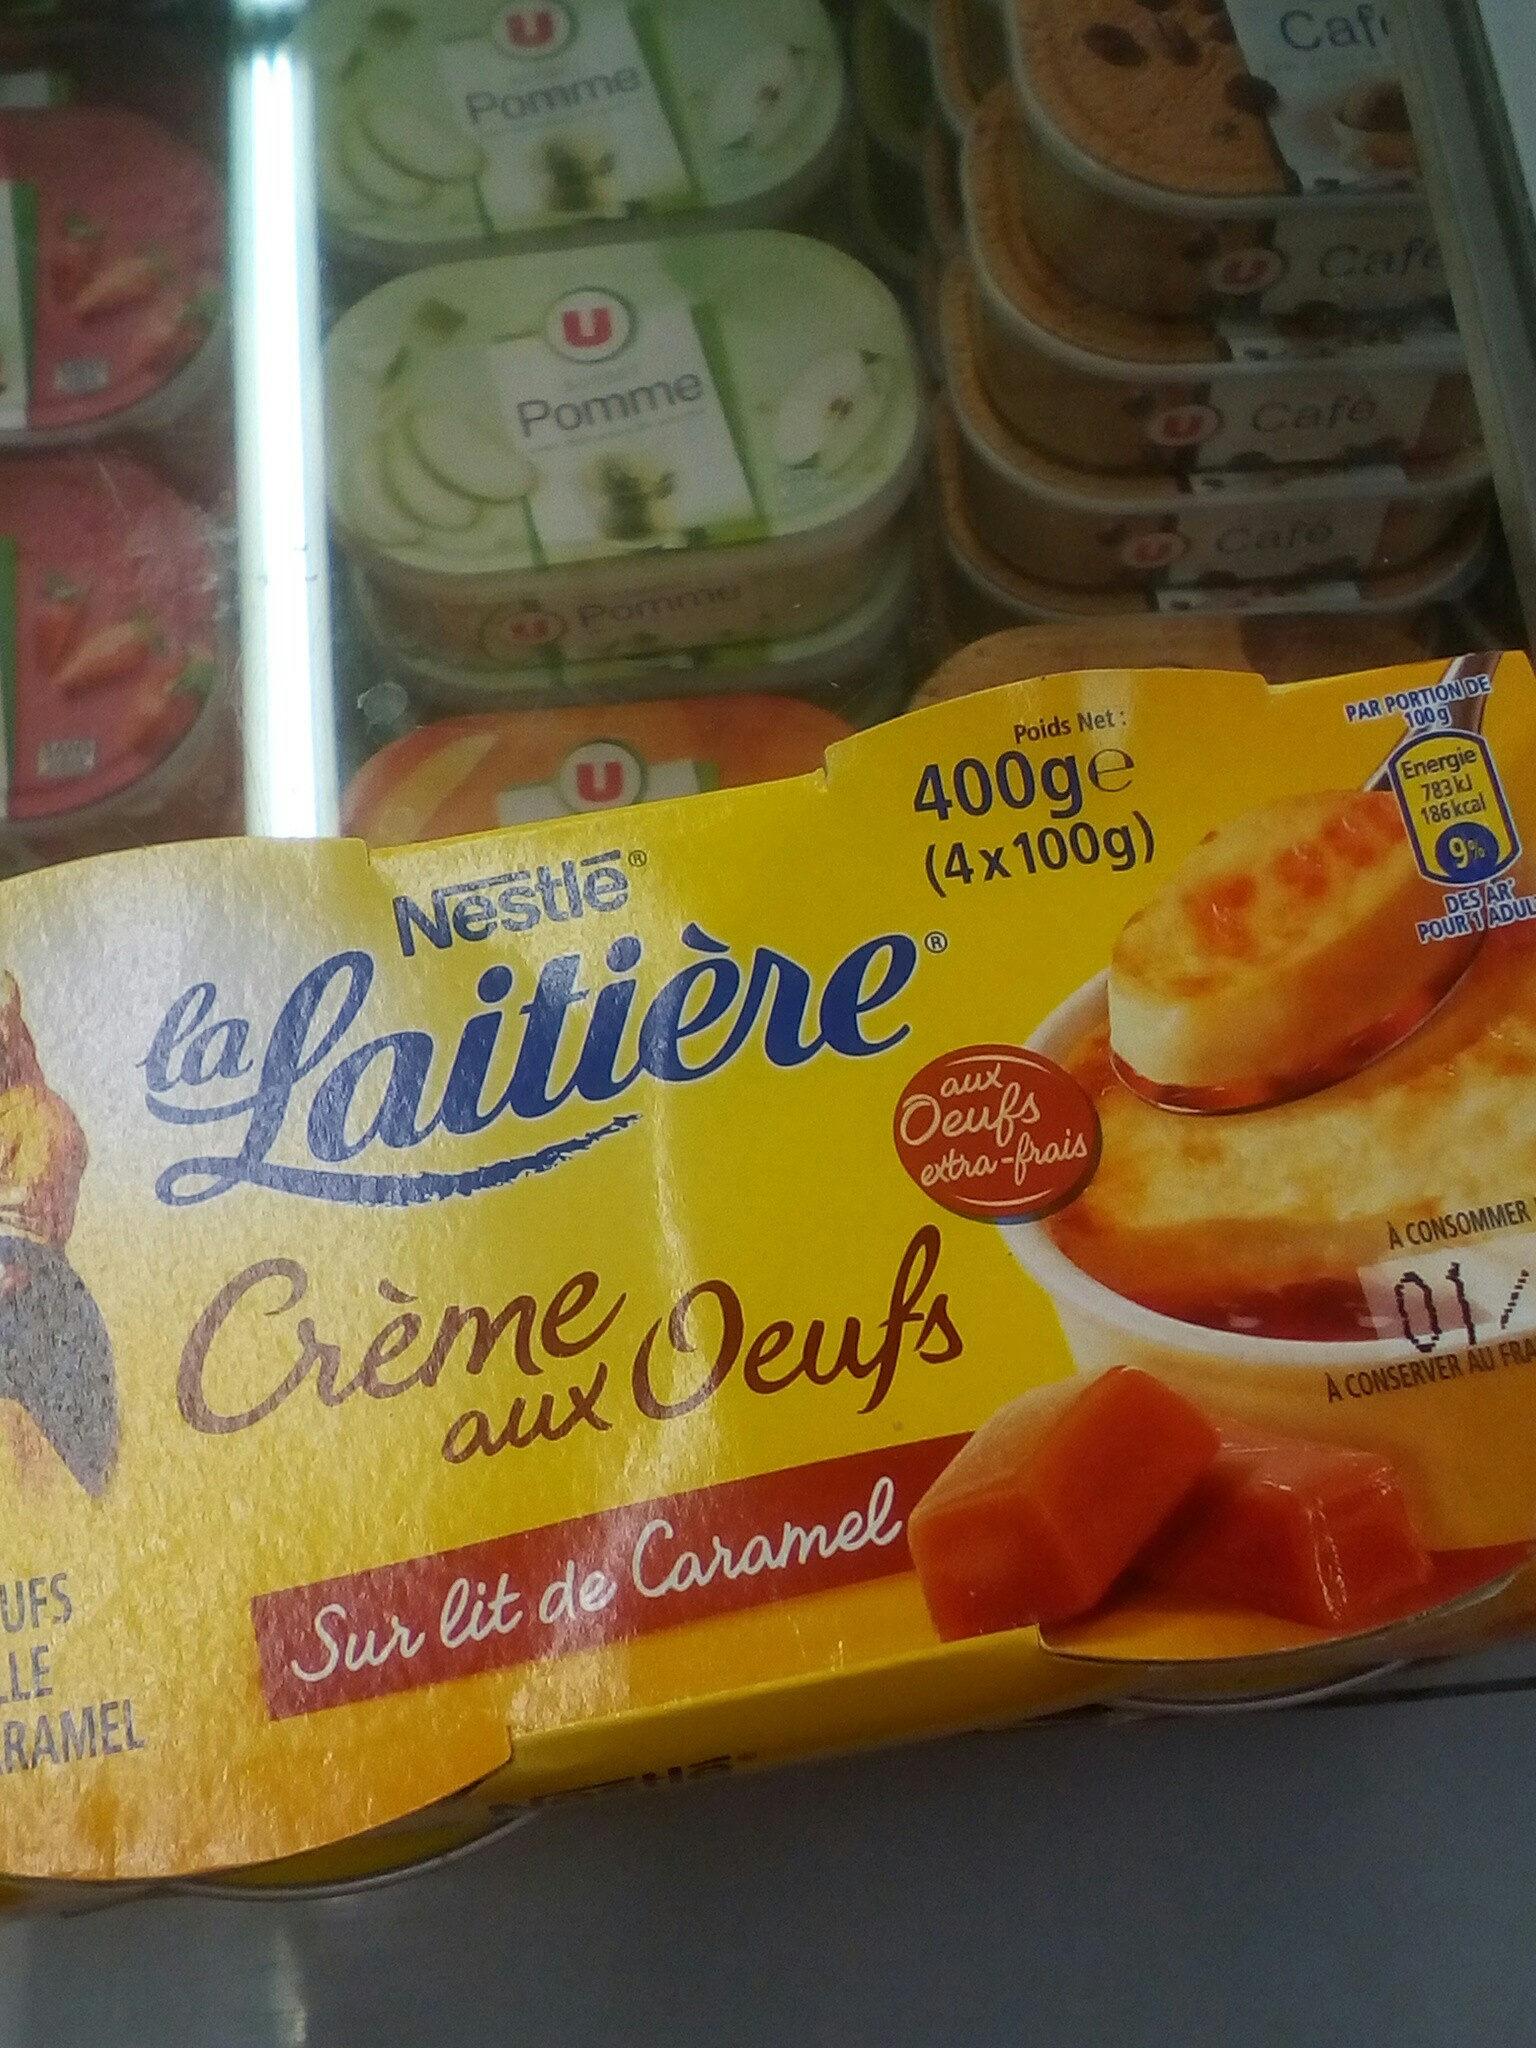 Crème aux Oeufs sur lit de Caramel (4 pots) 400 g - La Laitière - Product